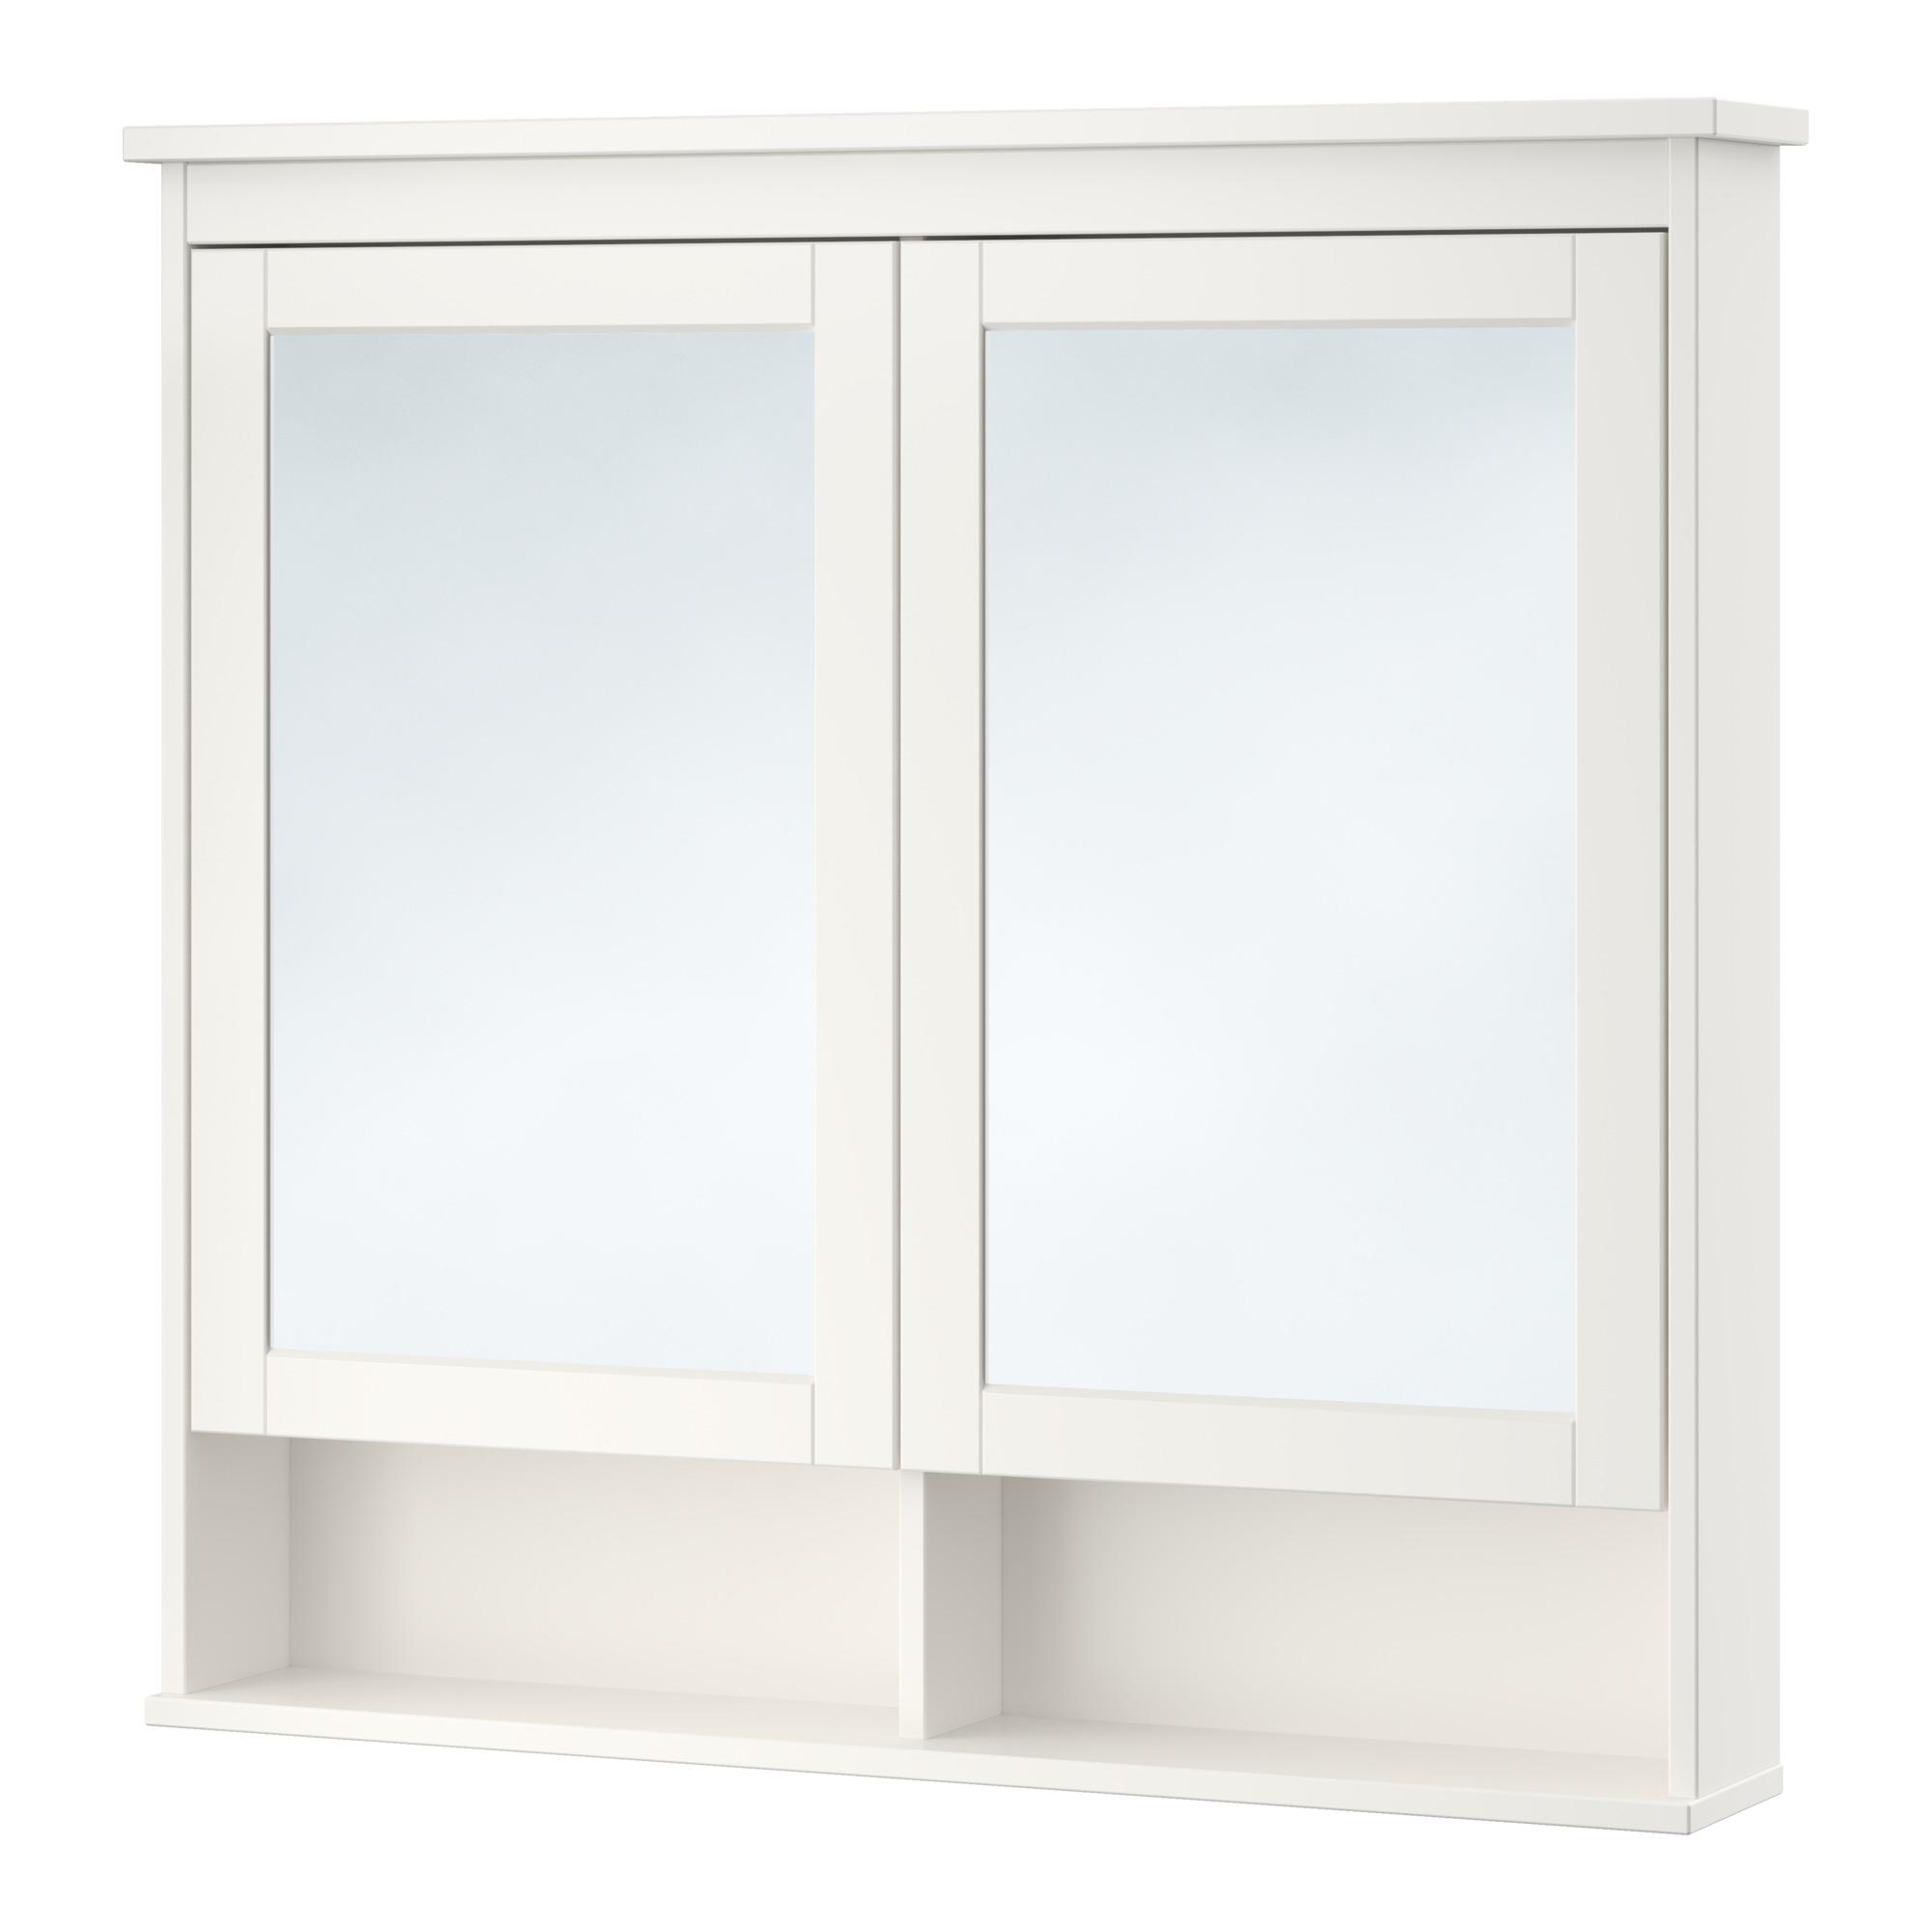 Hemnes armario espejo 2 puertas for Espejo y reflejo del caos al orden pdf